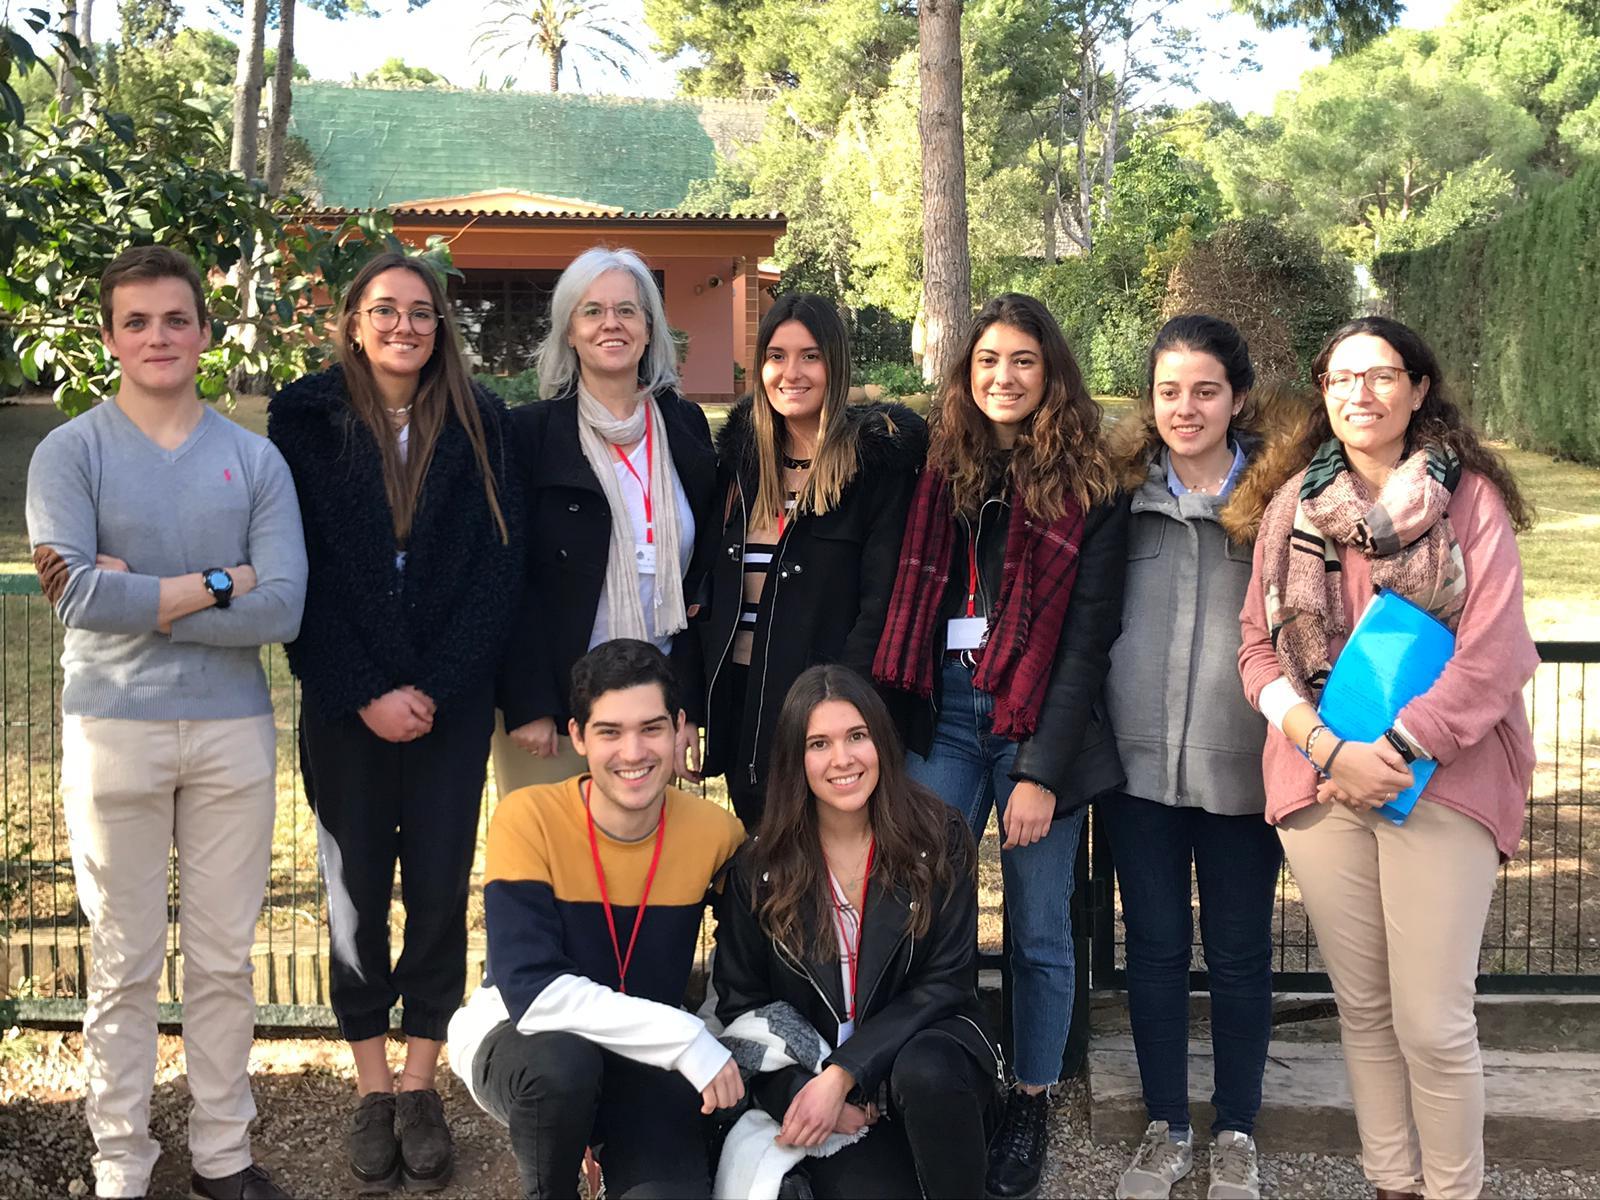 Estudiantes y profesores del equipo SWICEU, en el Colegio Edelweiss, uno de los 7 participantes en el proyecto.